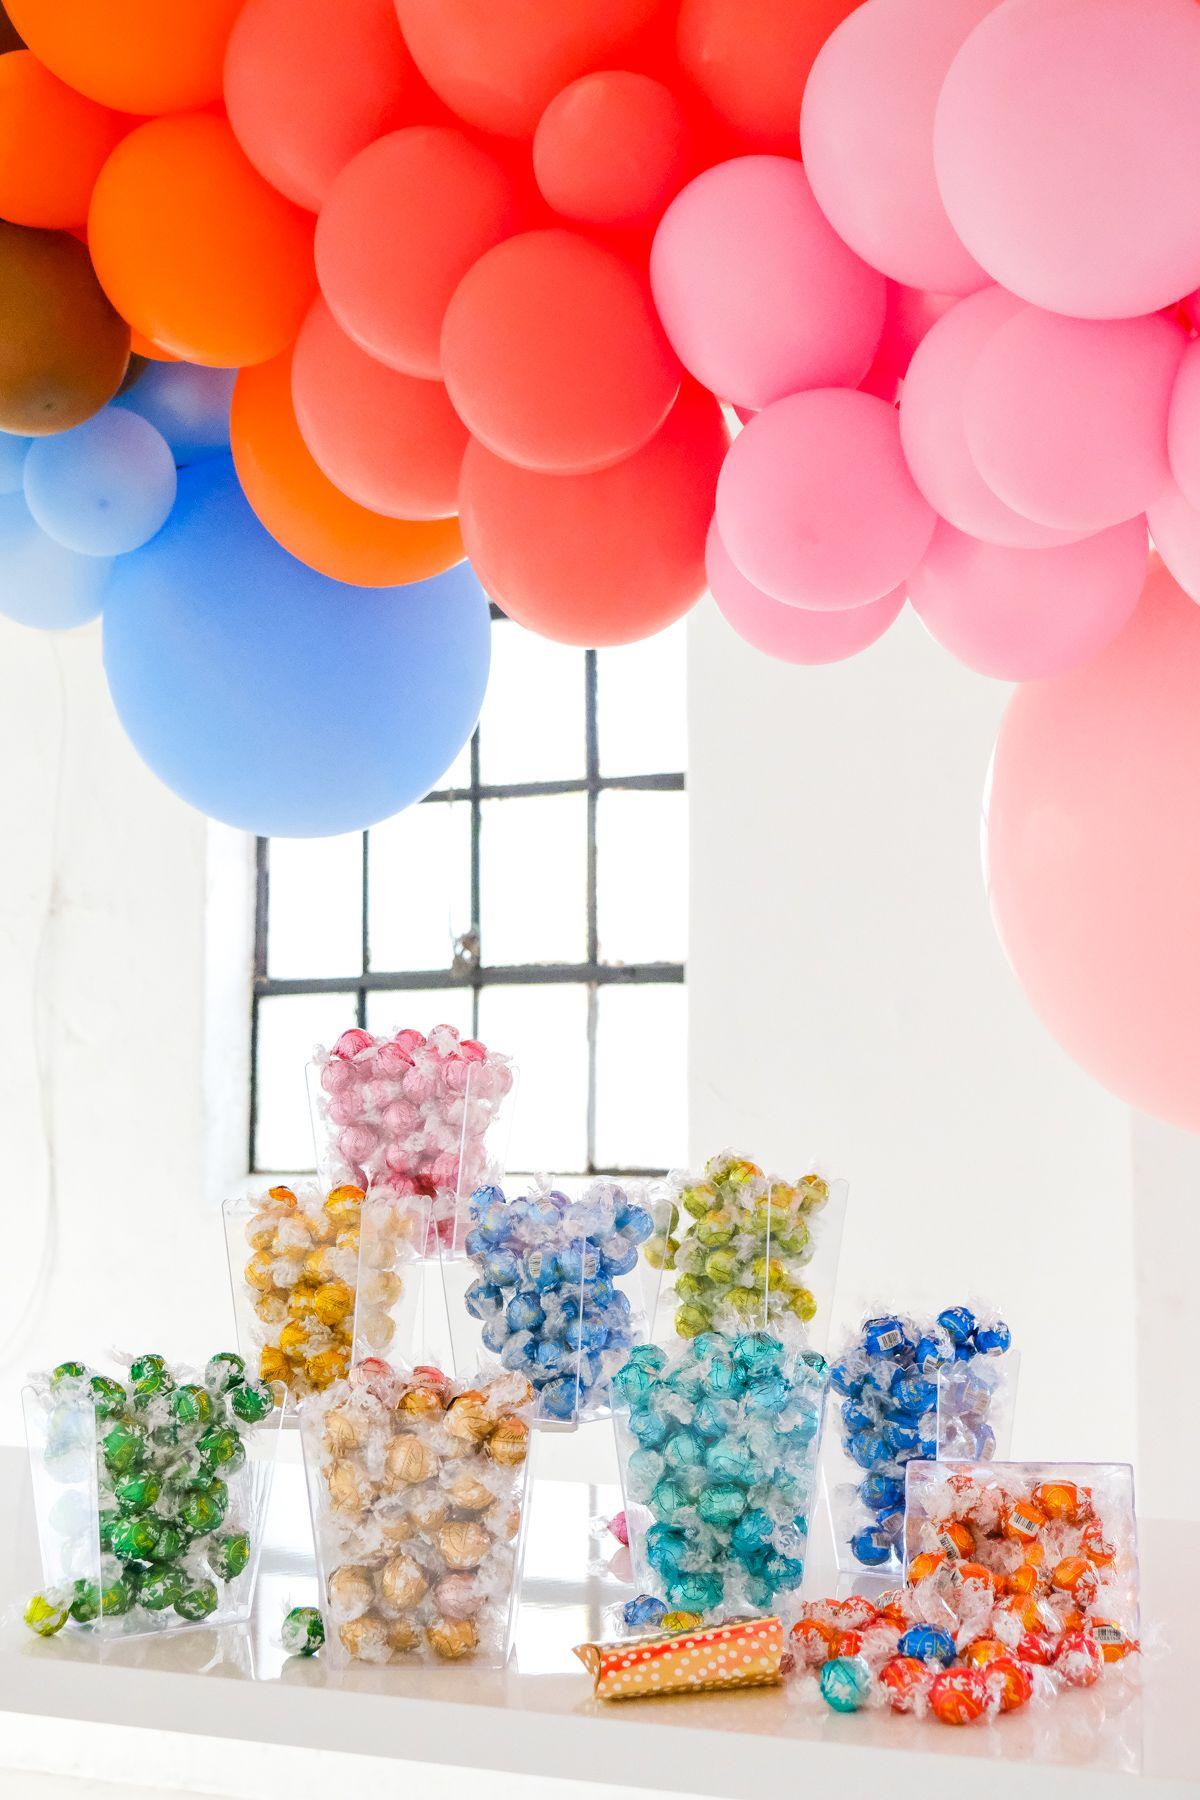 5 Diy Gender Neutral Baby Shower Ideas Unique Baby Shower Invites Gender Neutral Baby Shower Neutral Baby Shower